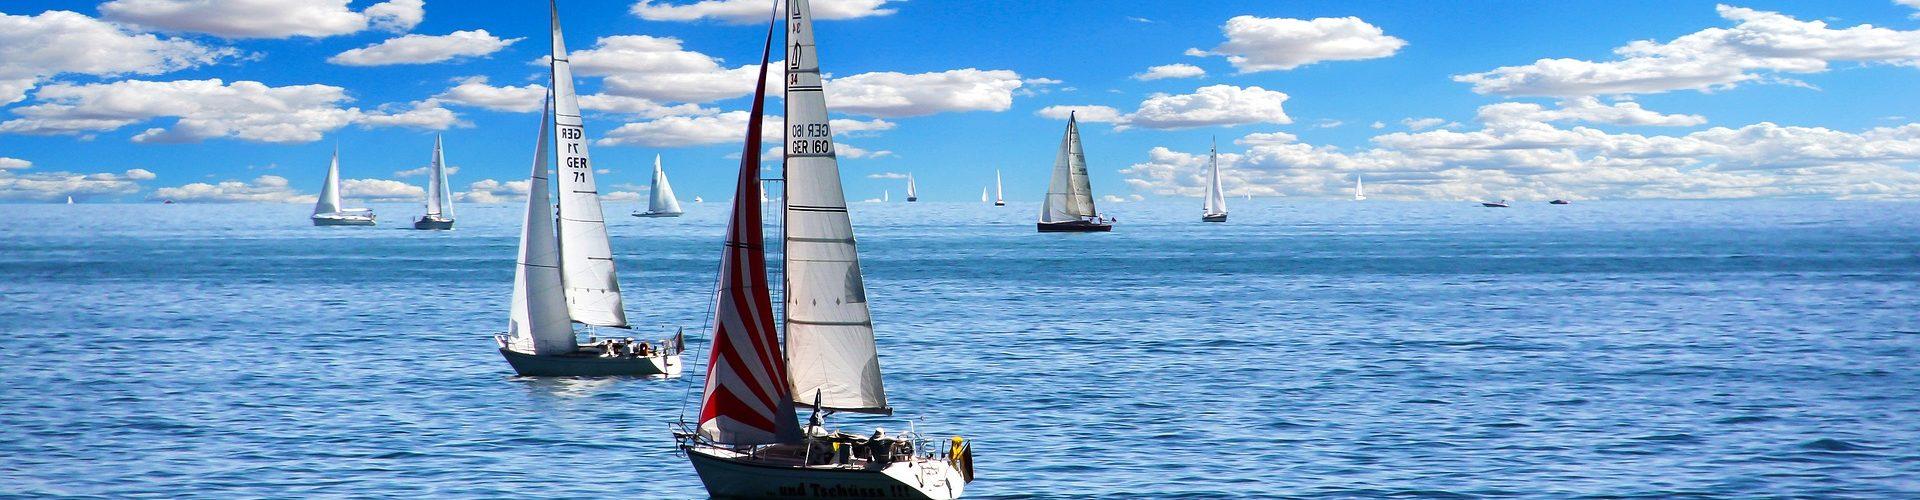 segeln lernen in Altwarp segelschein machen in Altwarp 1920x500 - Segeln lernen in Altwarp